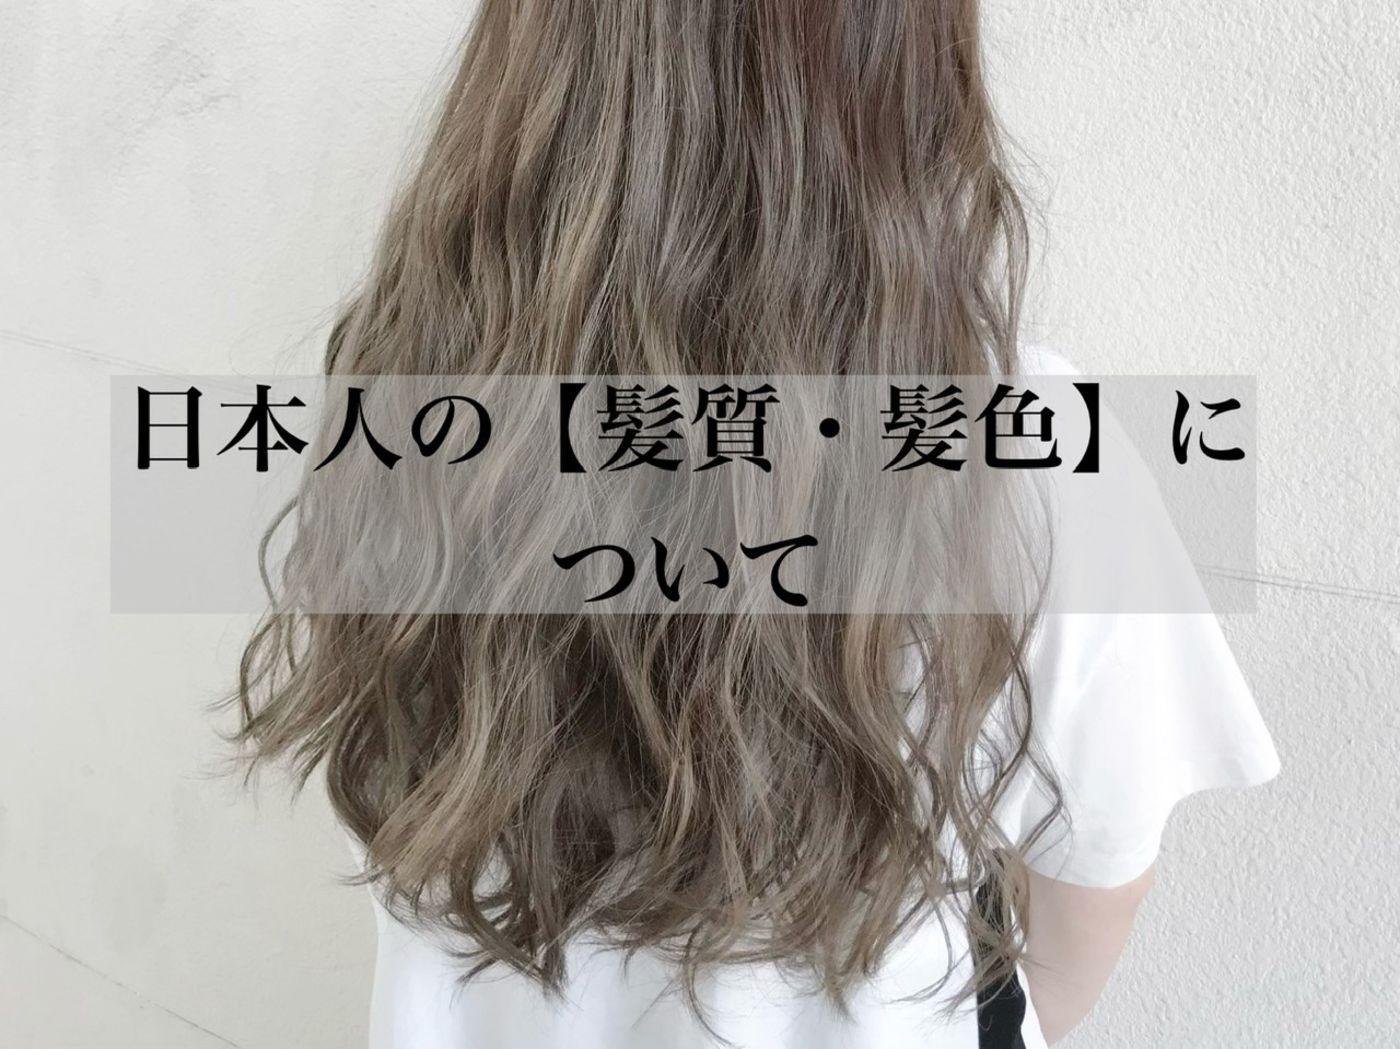 日本人の髪質・髪色の特徴